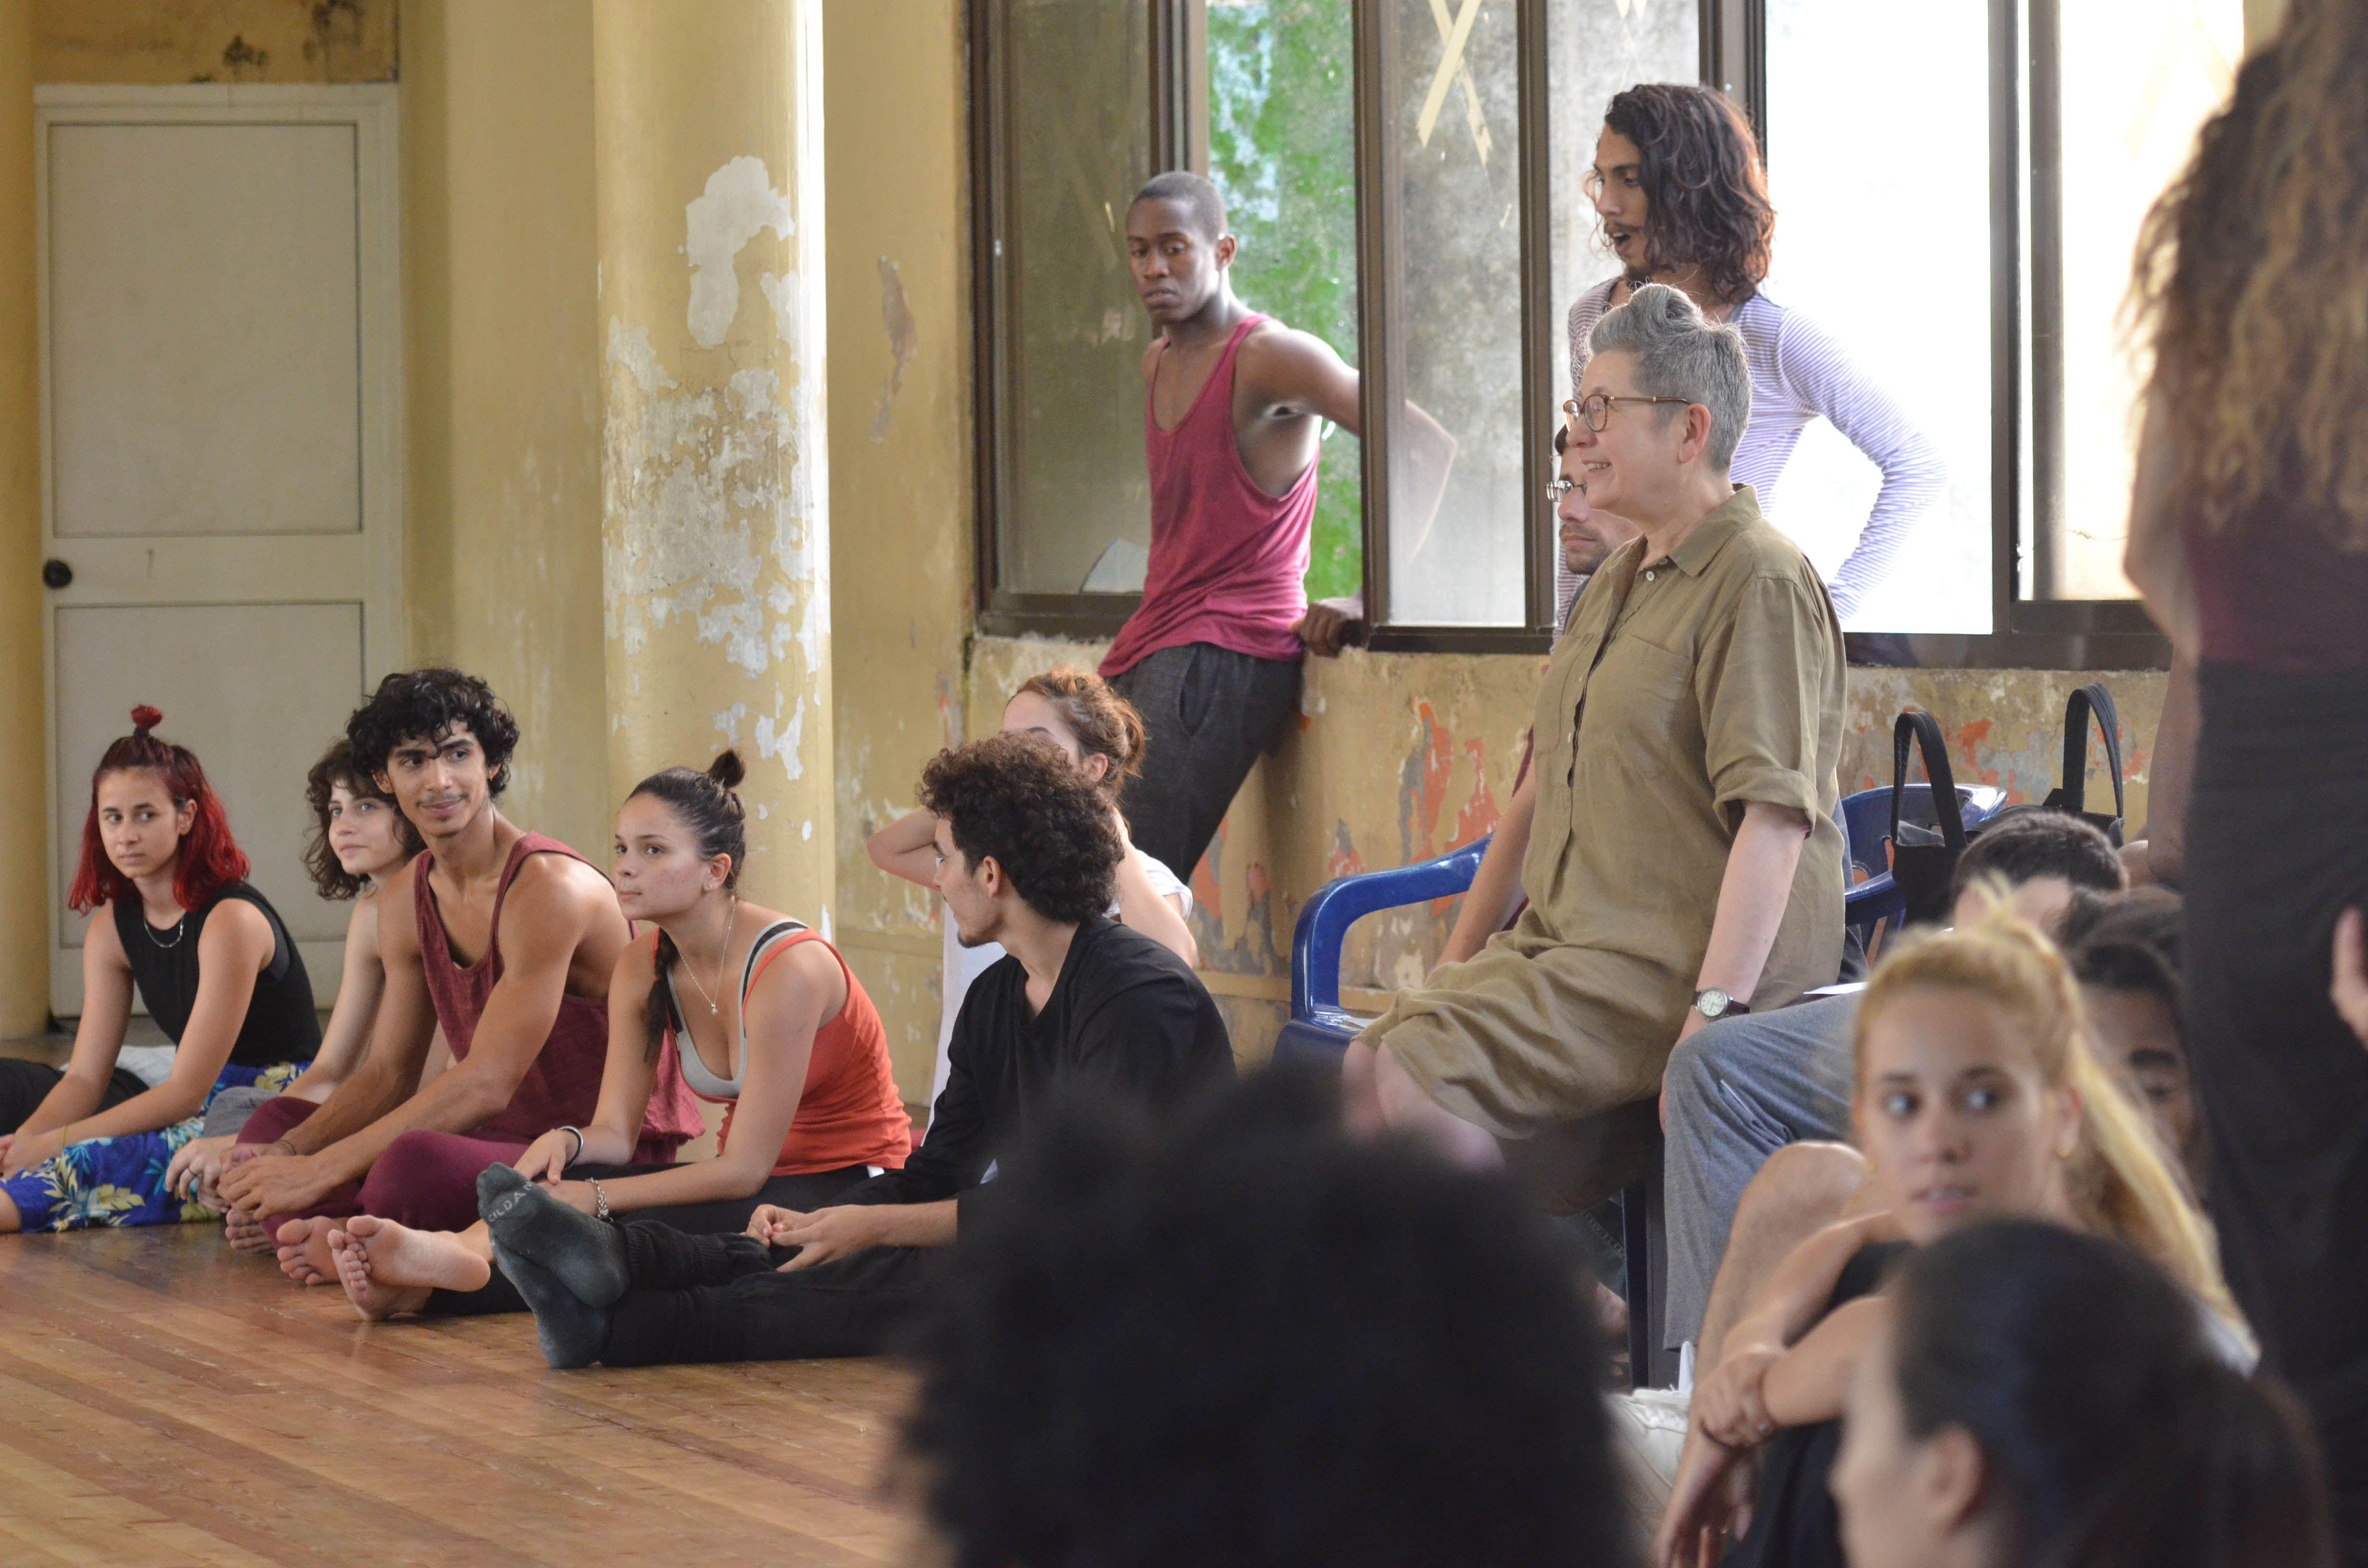 Bailarines de Dana Contemporánea de Cuba junto a la coreógrafa británica Lea Anderson, como parte del proyecto Islas Creativas. Foto: Adolfo Izquierdo.